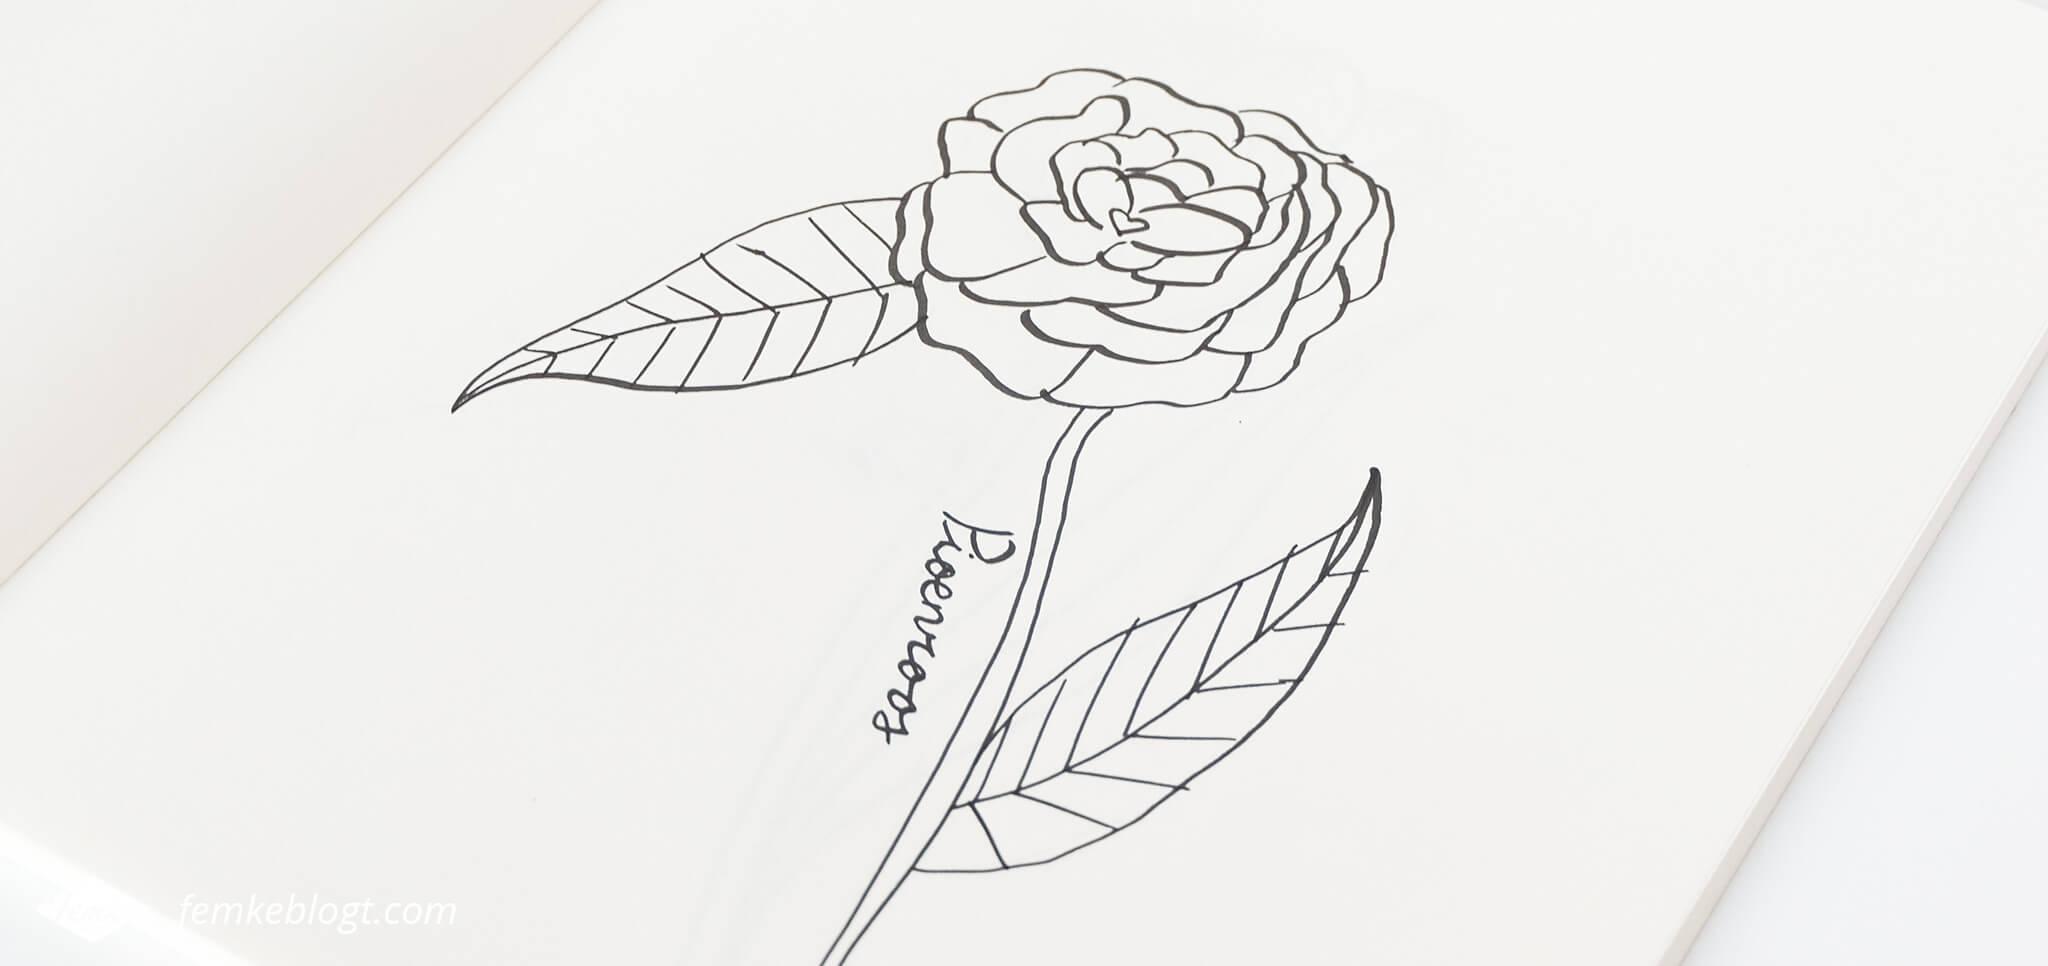 31 Dagen bloemen #4 – Pioenroos